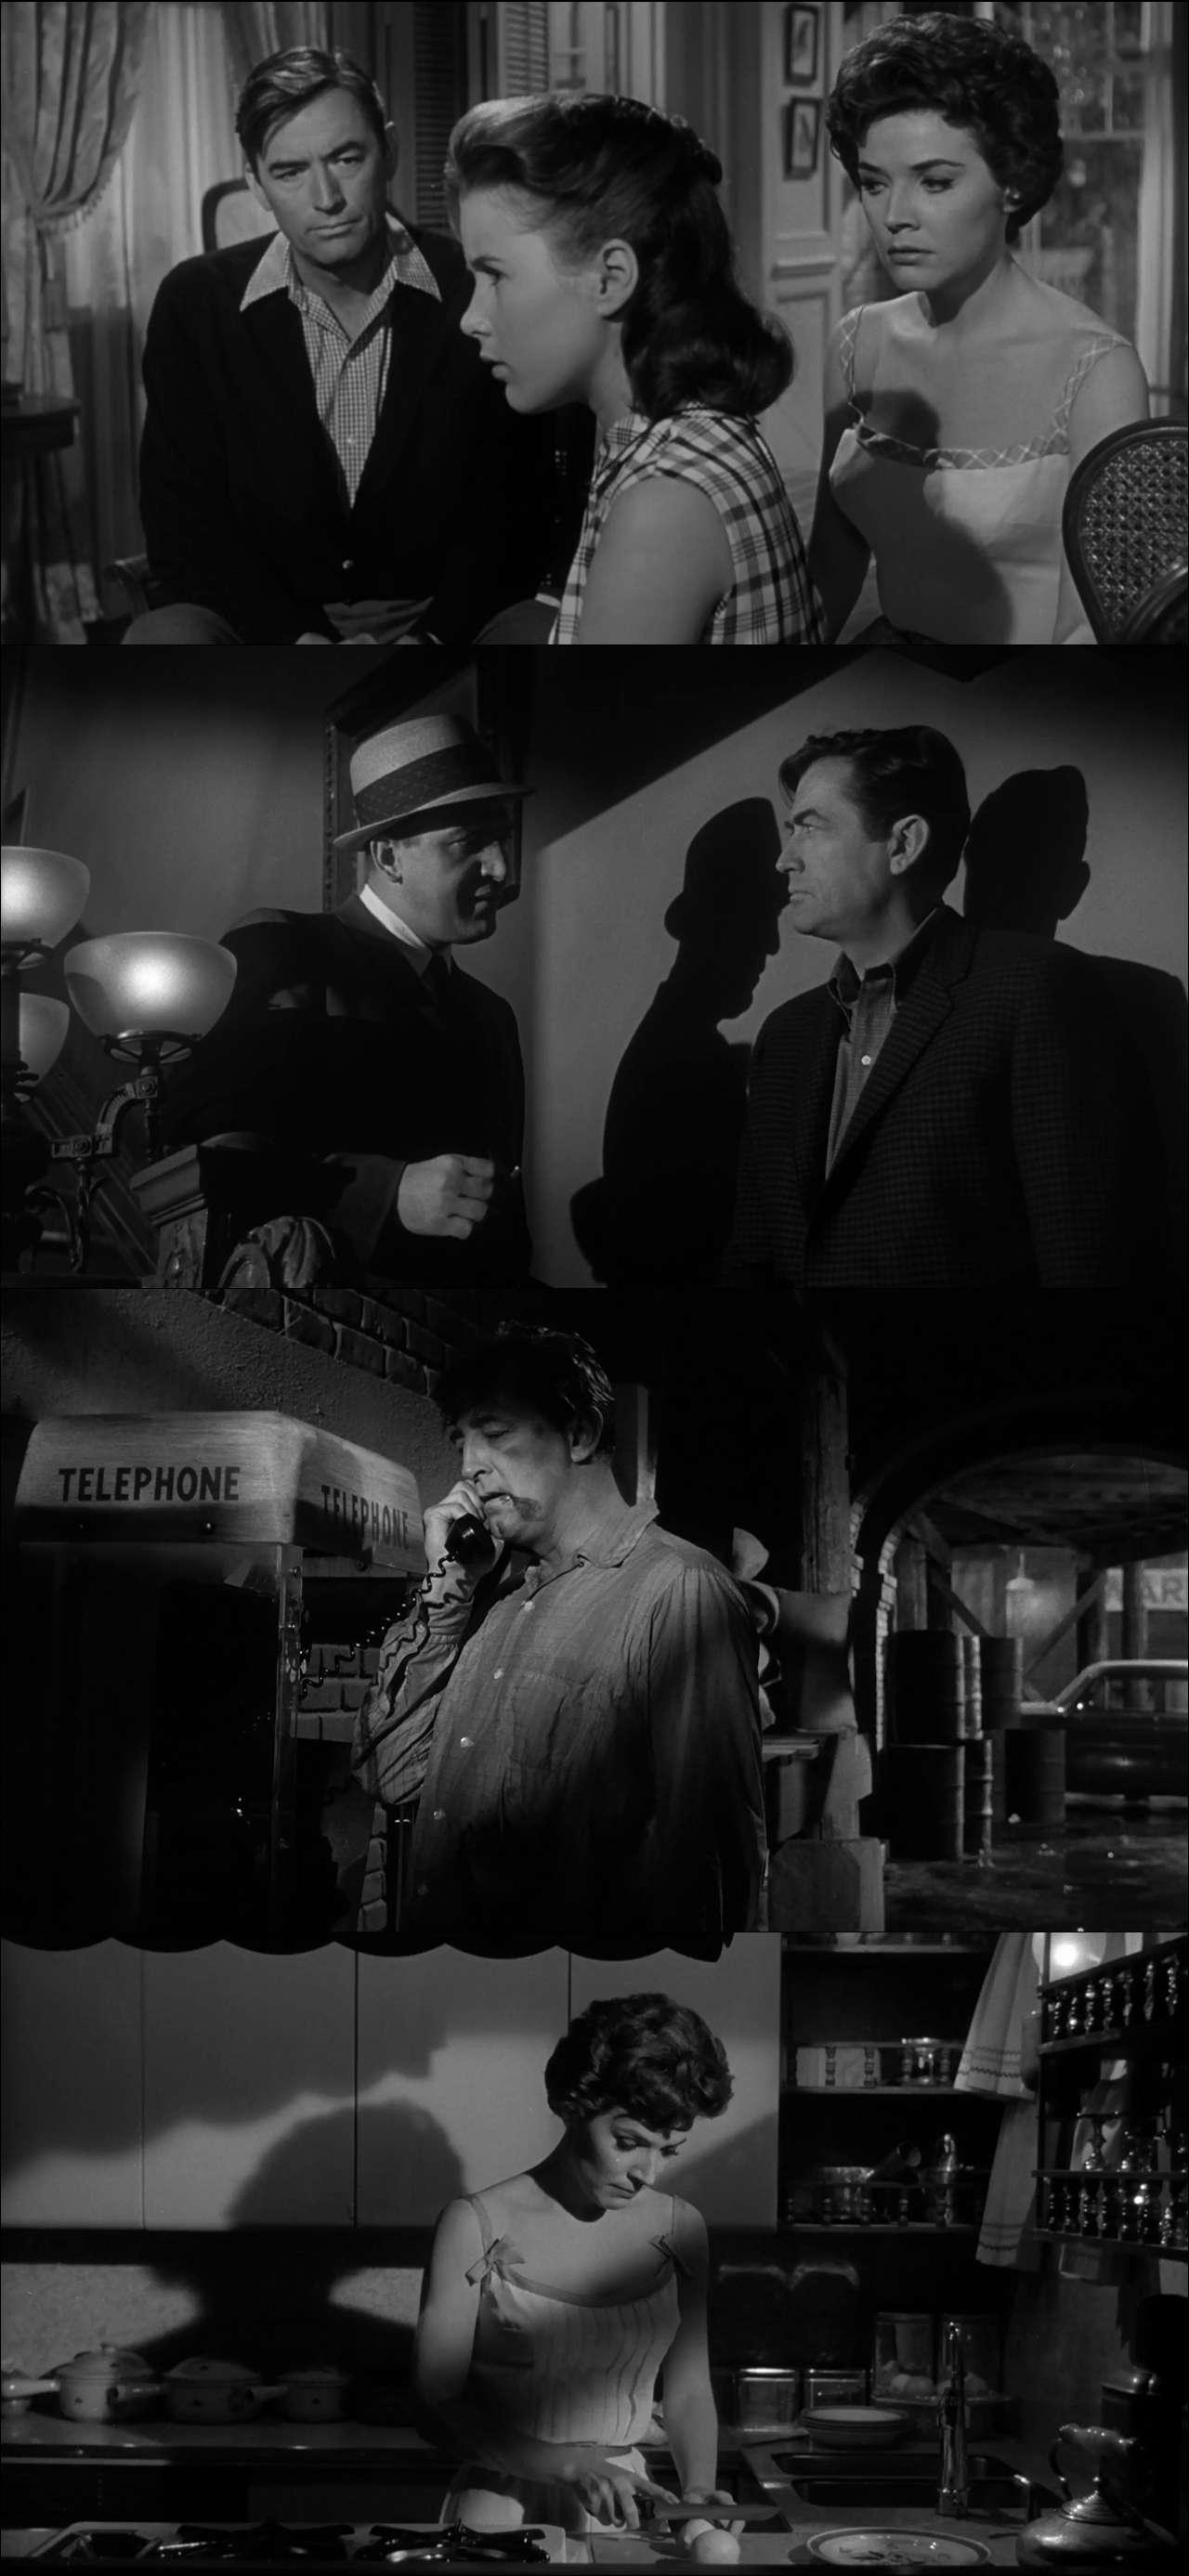 Korkusuzlar - Cape Fear (1962) türkçe dublaj film indir